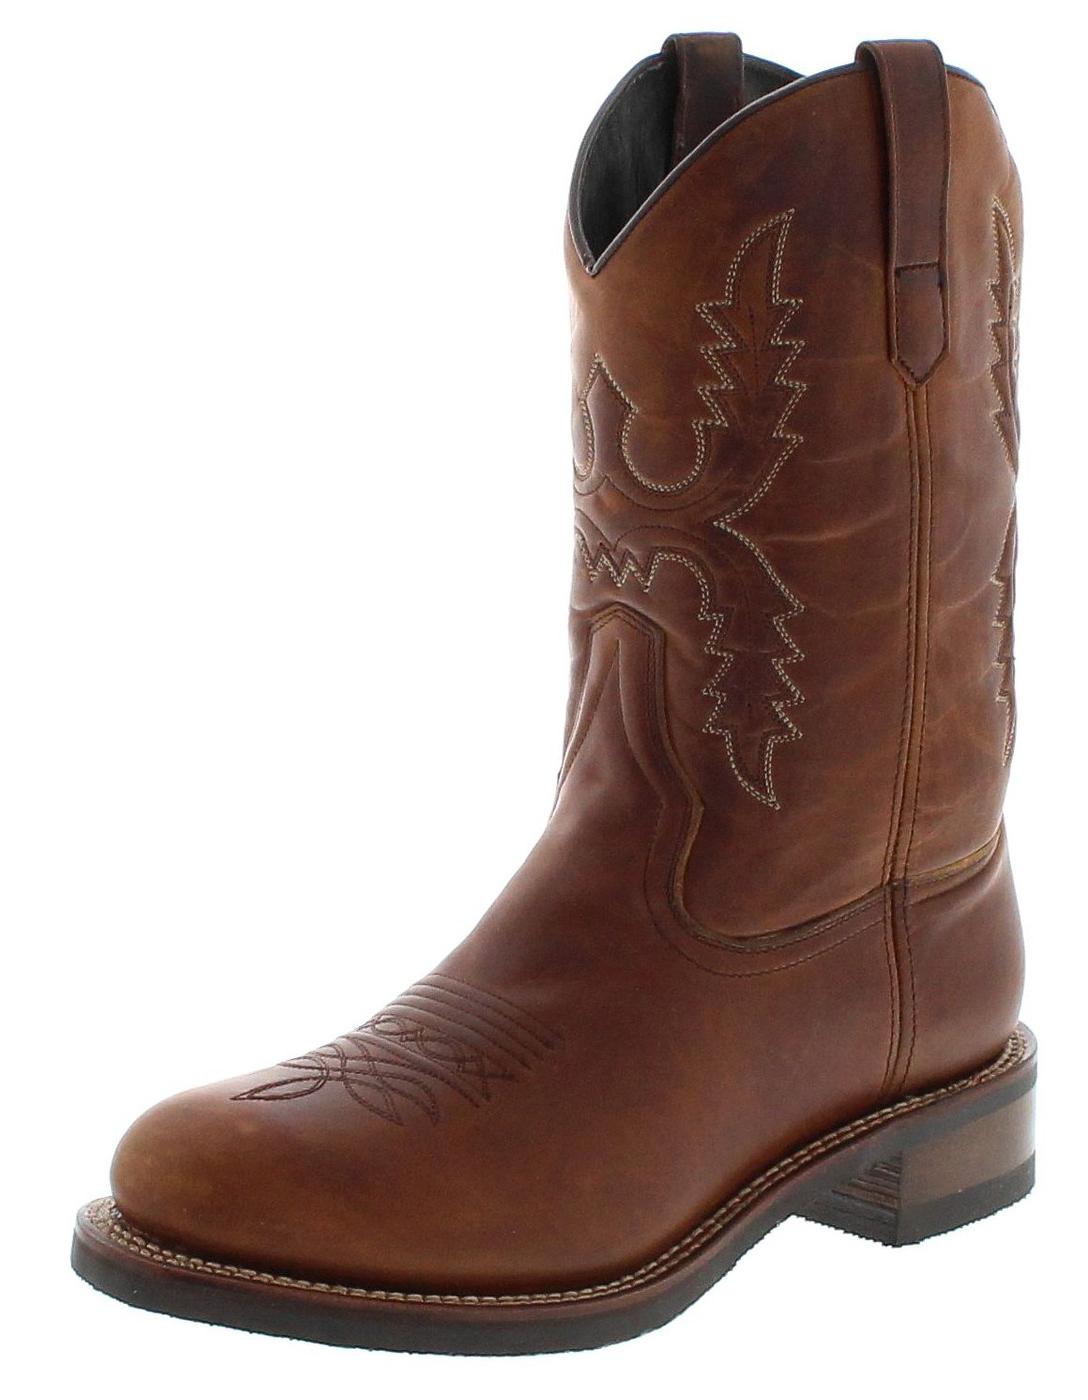 Sendra Boots 14340 Tang Damen Westernreitstiefel mit Thinsulate Isolierung - braun